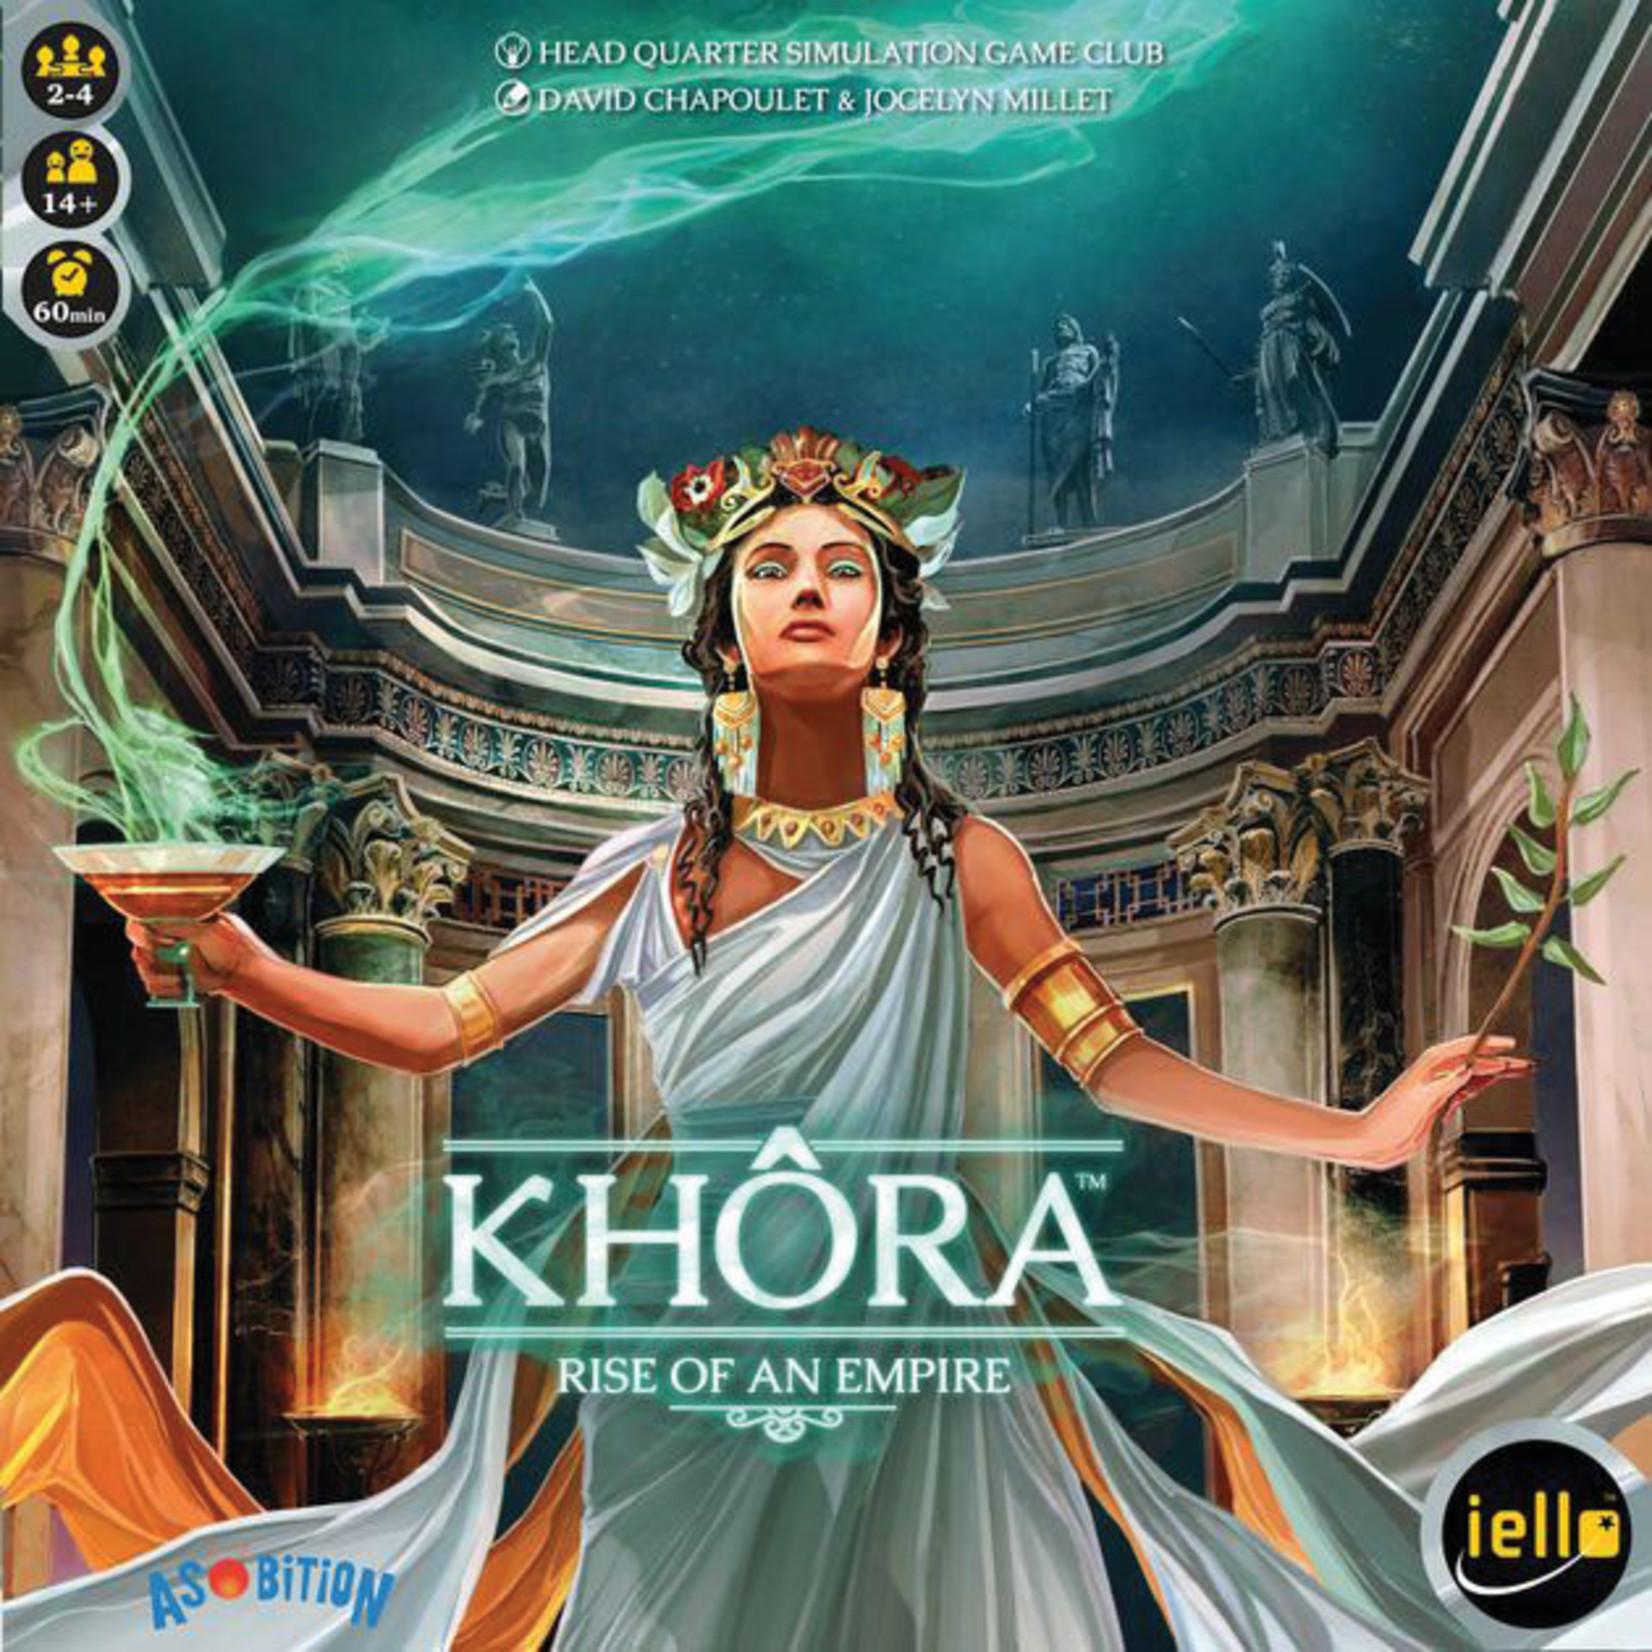 iello Khora Rise of an Empire